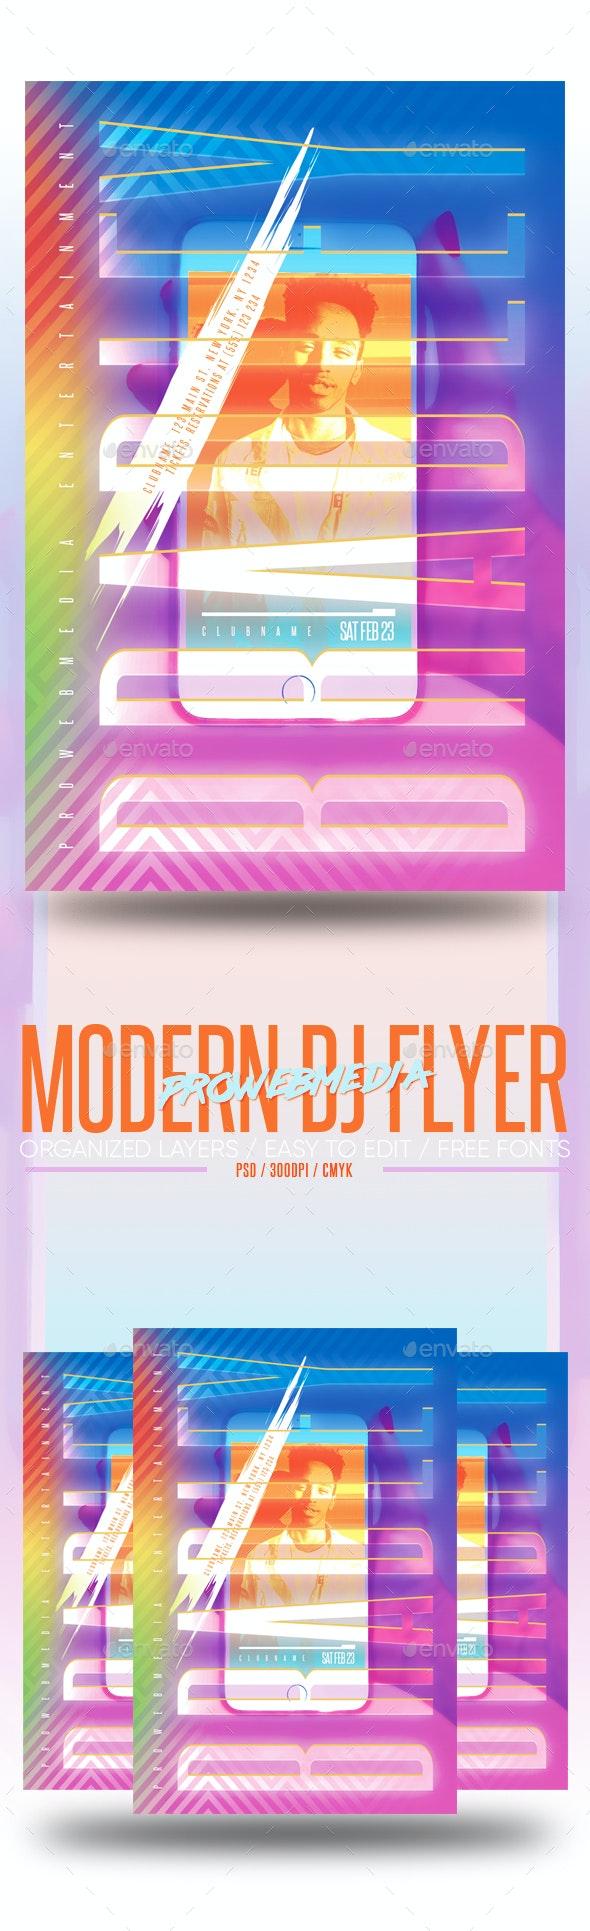 Modern DJ Flyer - Clubs & Parties Events